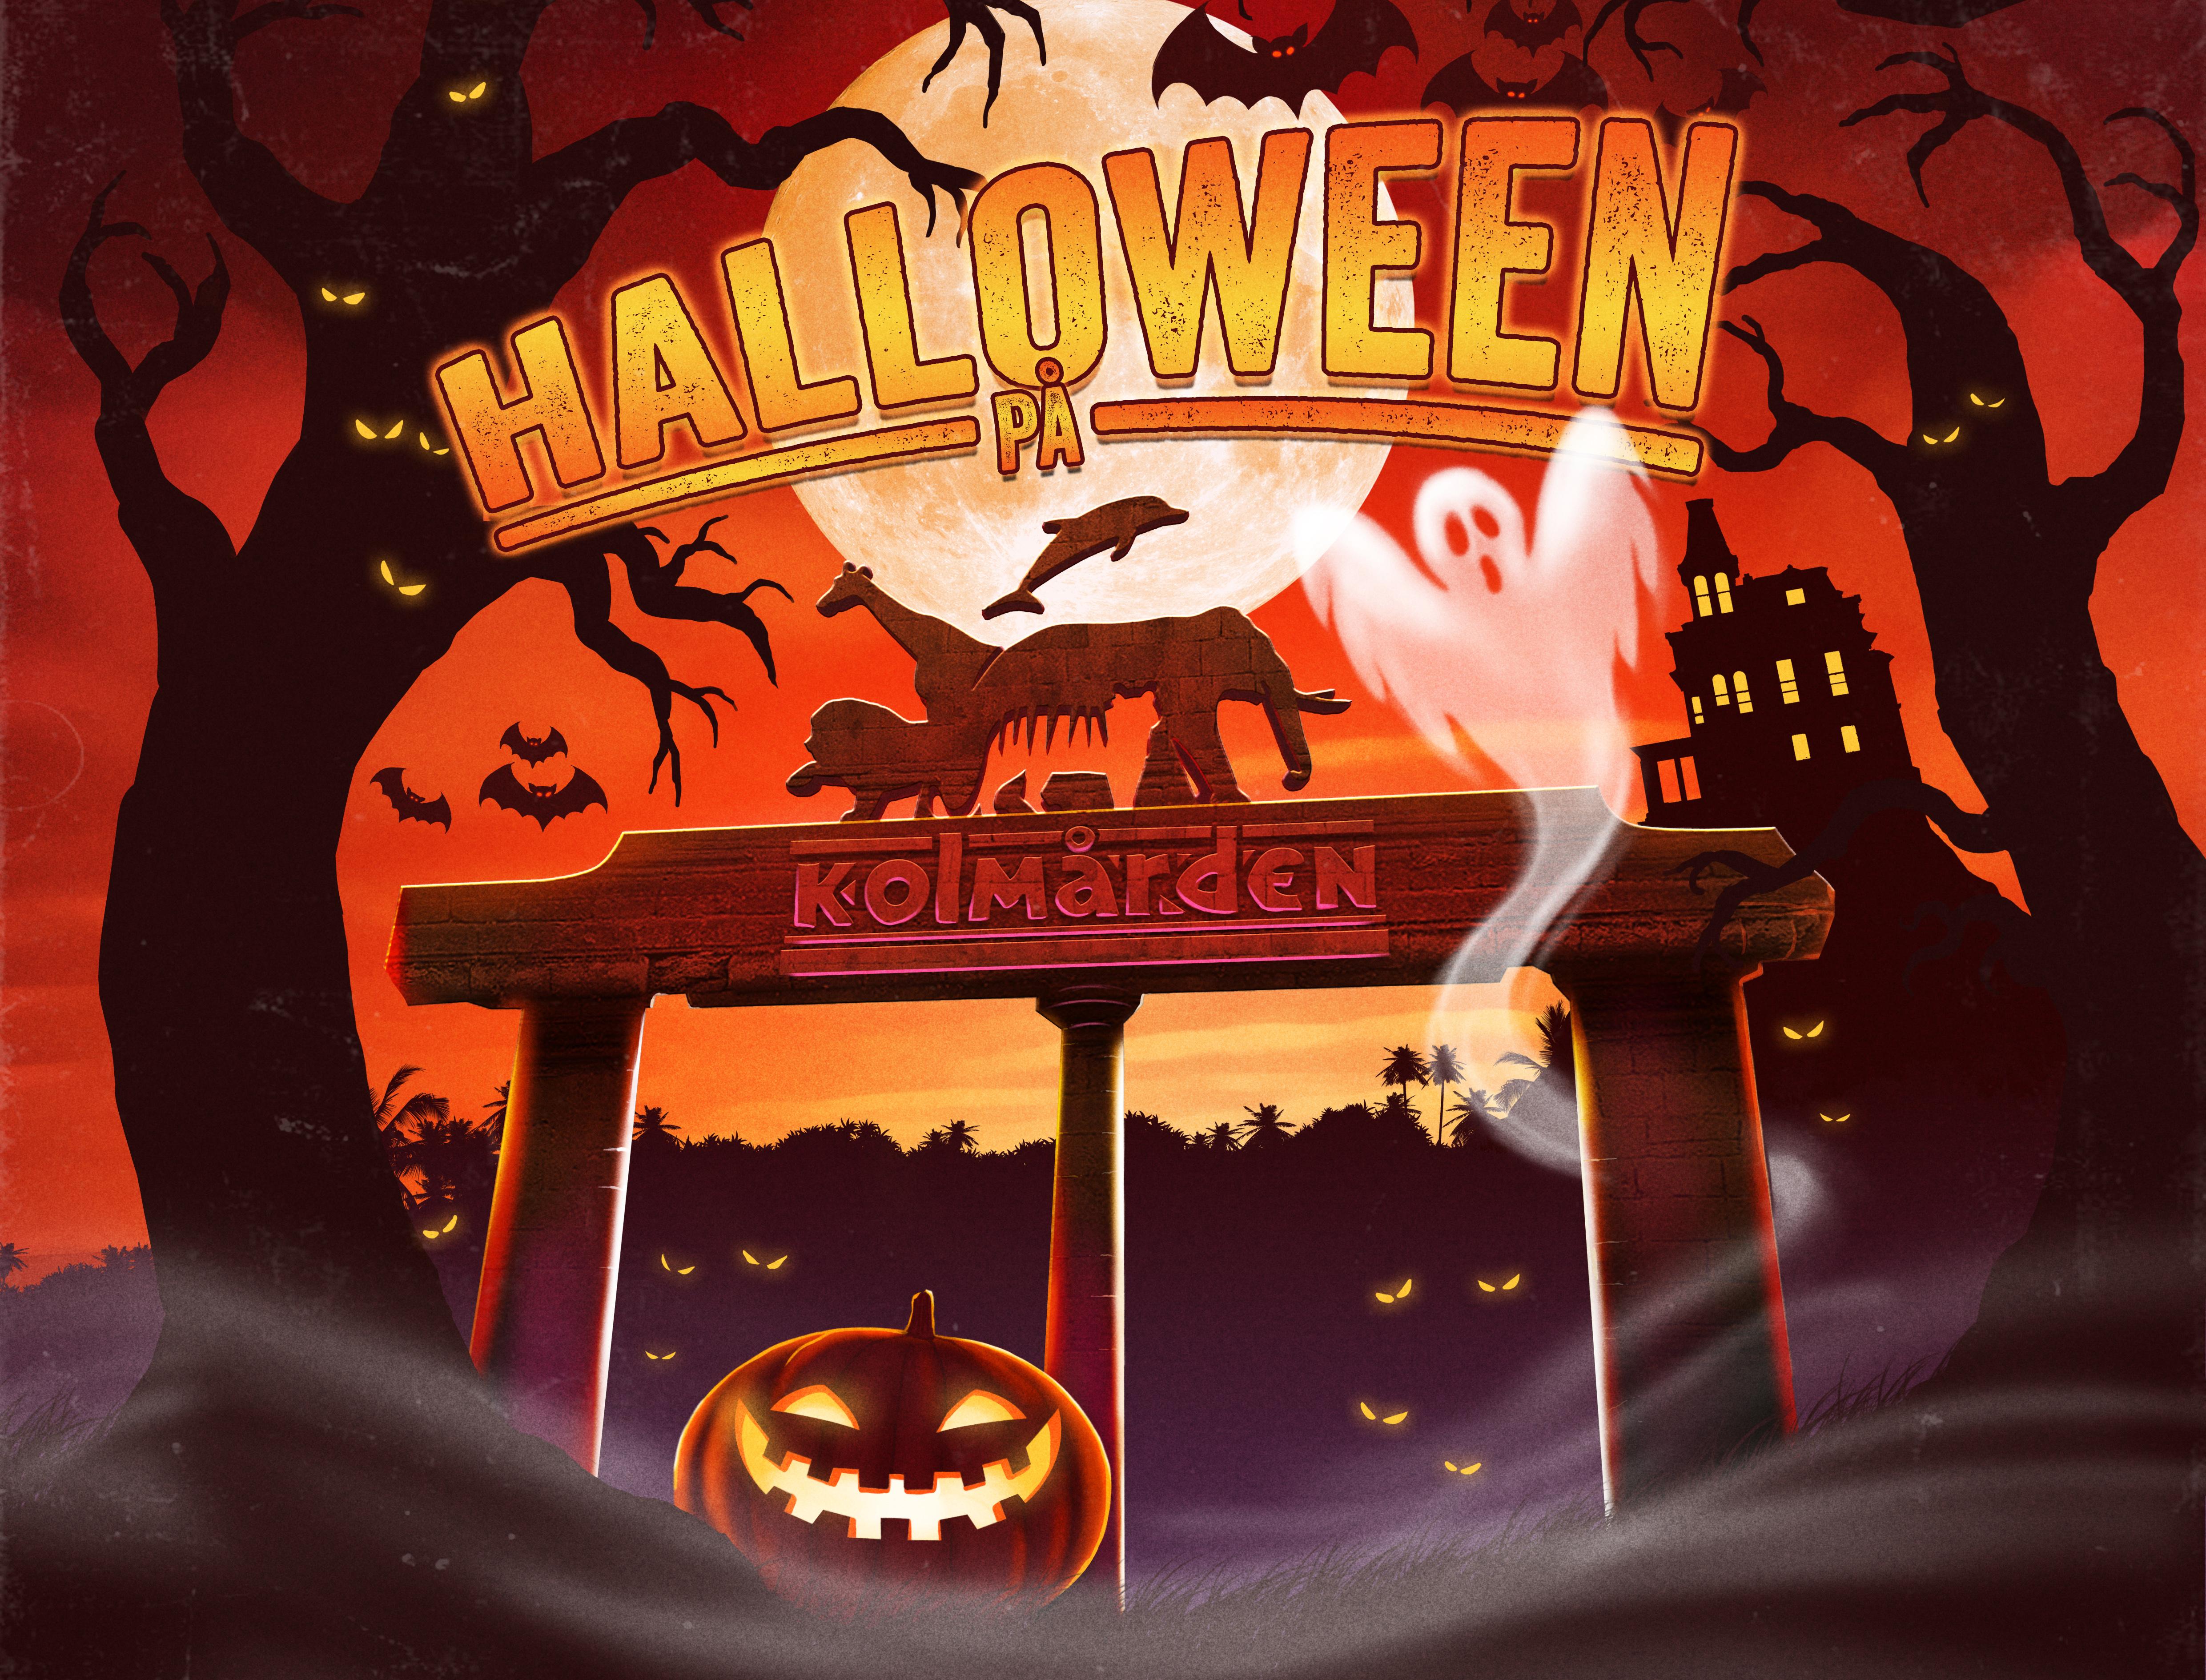 kolmården halloween rabatt